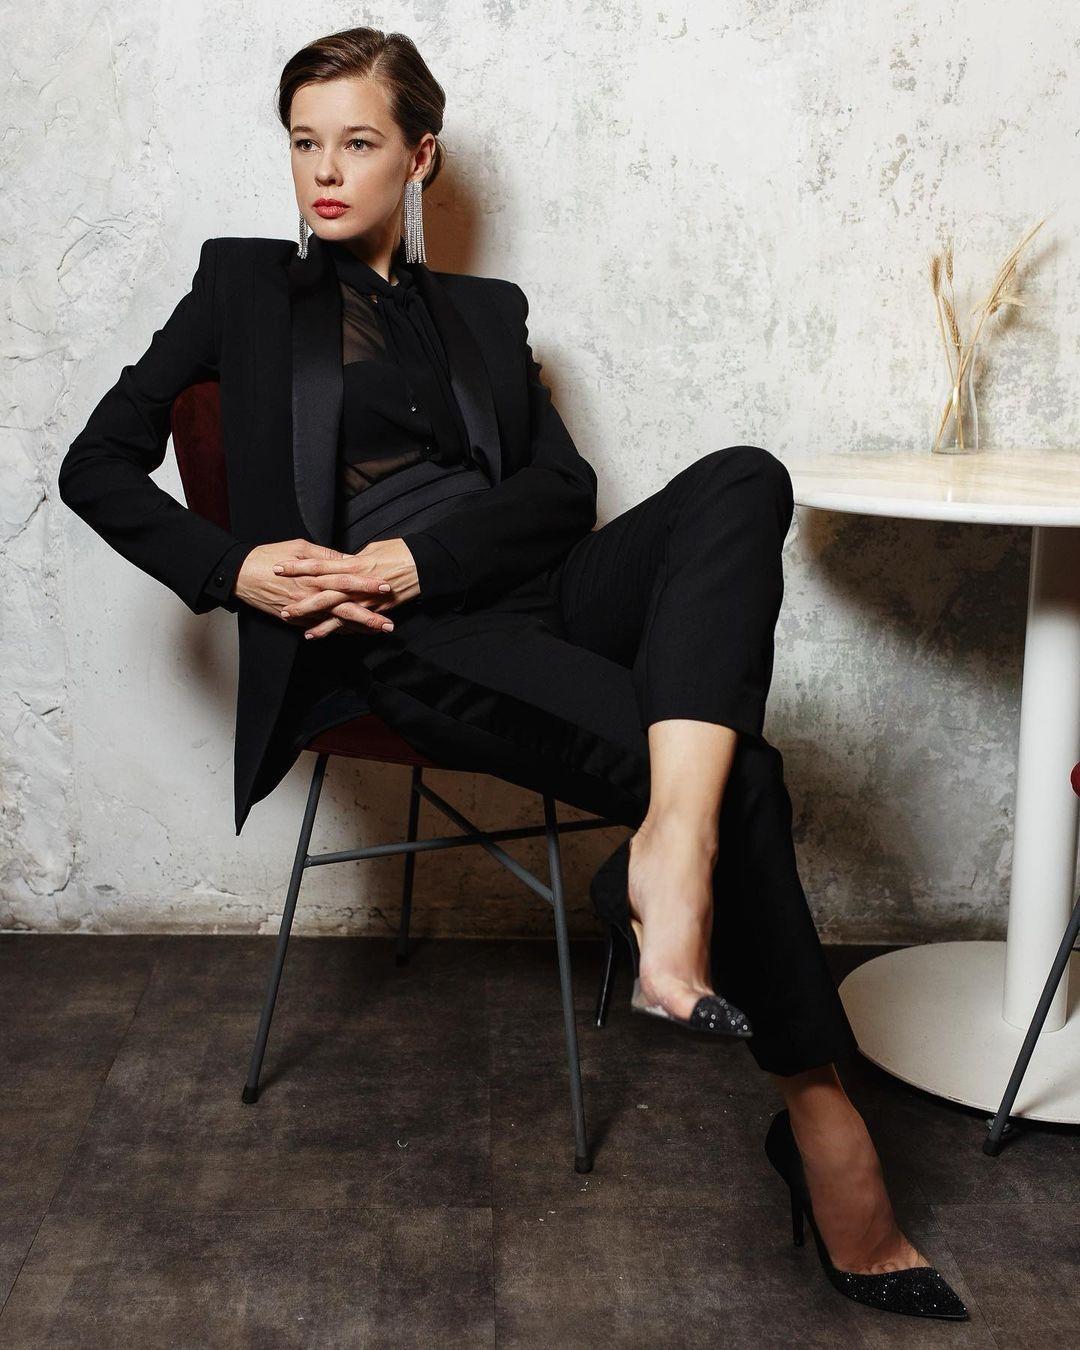 Катерина Шпица рассказала, как попала в кино через конкурс красоты: «Я стала актрисой благодаря лжи»